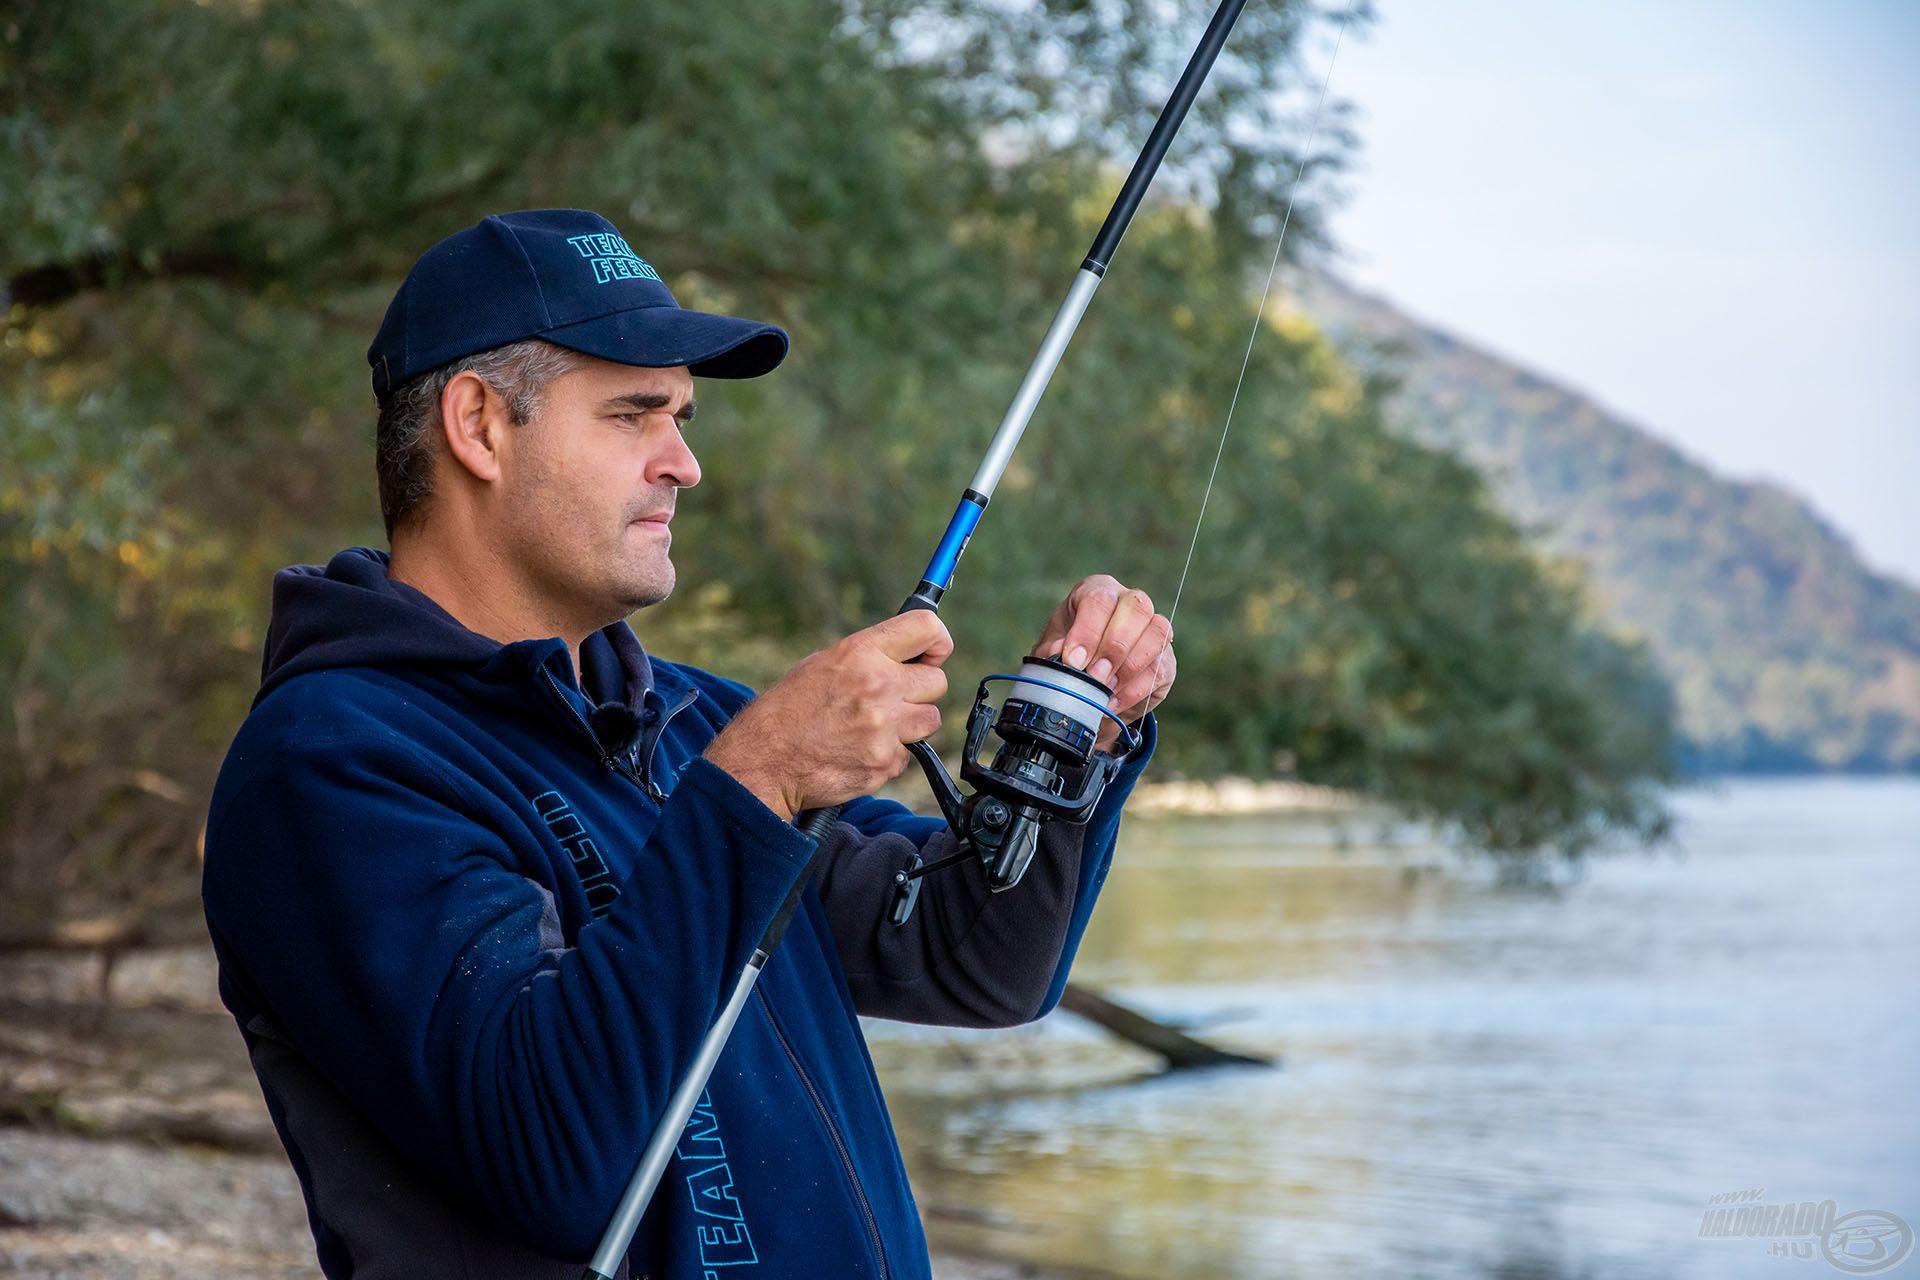 A Fine Carp a finomszerelékes és versenyhorgászok kedvelt orsója, de jól bírja a nagy megterhelést jelentő folyóvízi horgászatot is